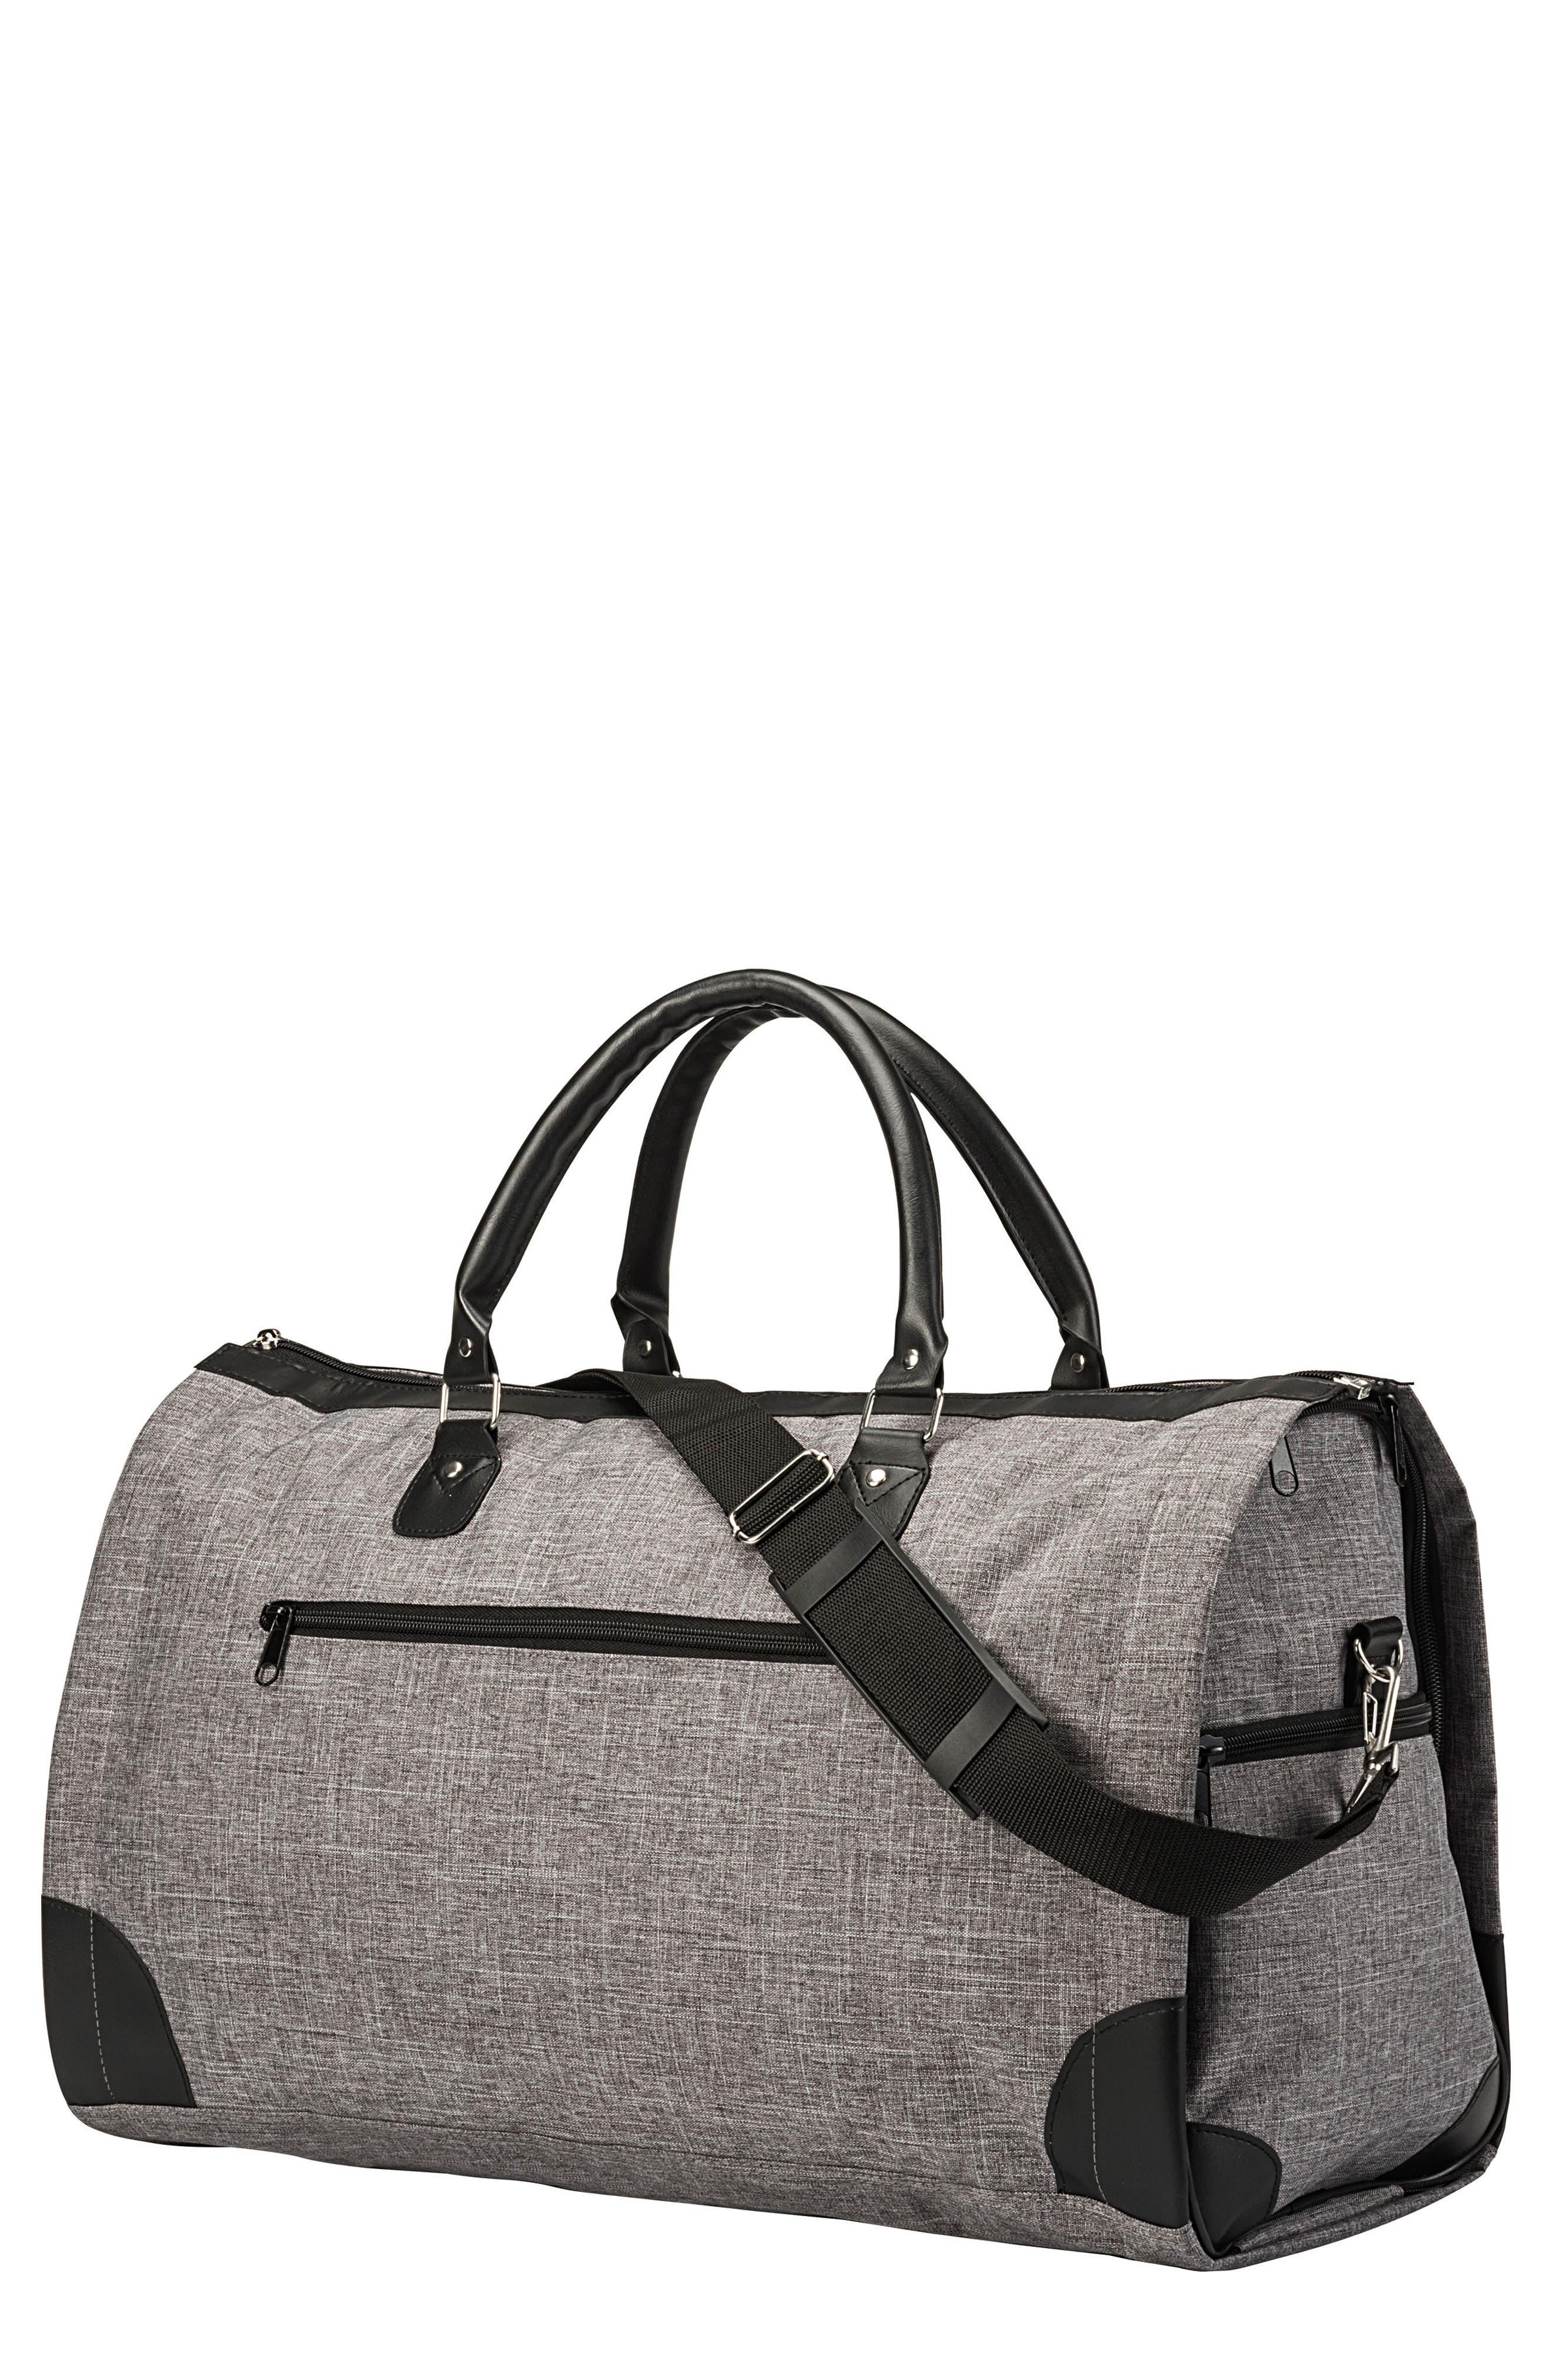 Monogram Duffel/Garment Bag,                         Main,                         color, Grey